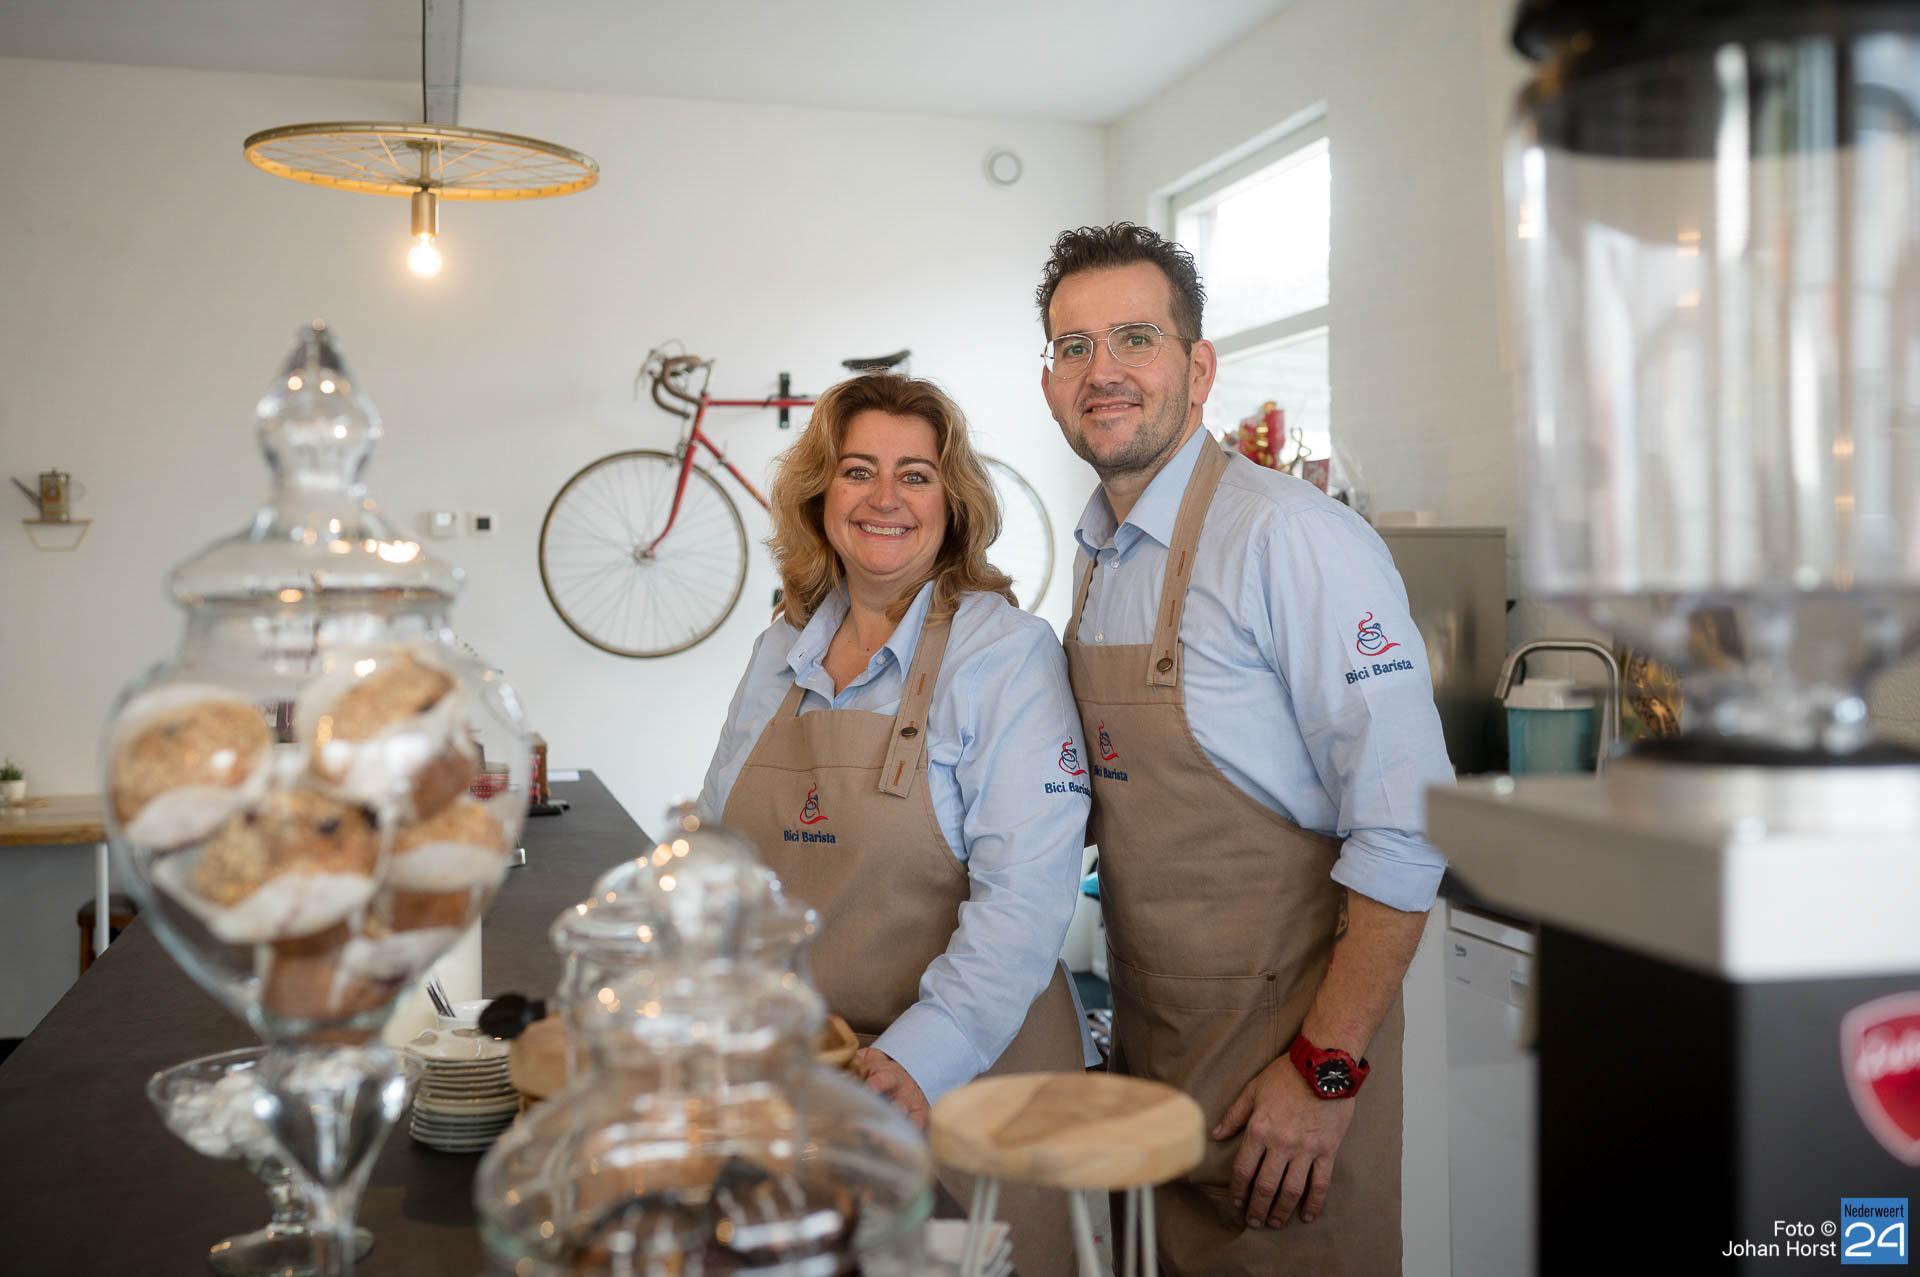 Bici Barista Nederweert vanaf nu open | 'Onze passie is lekkere koffie.... En daar gaan wij ver in!' (Foto's) - Nederweert24 - Nederweert24